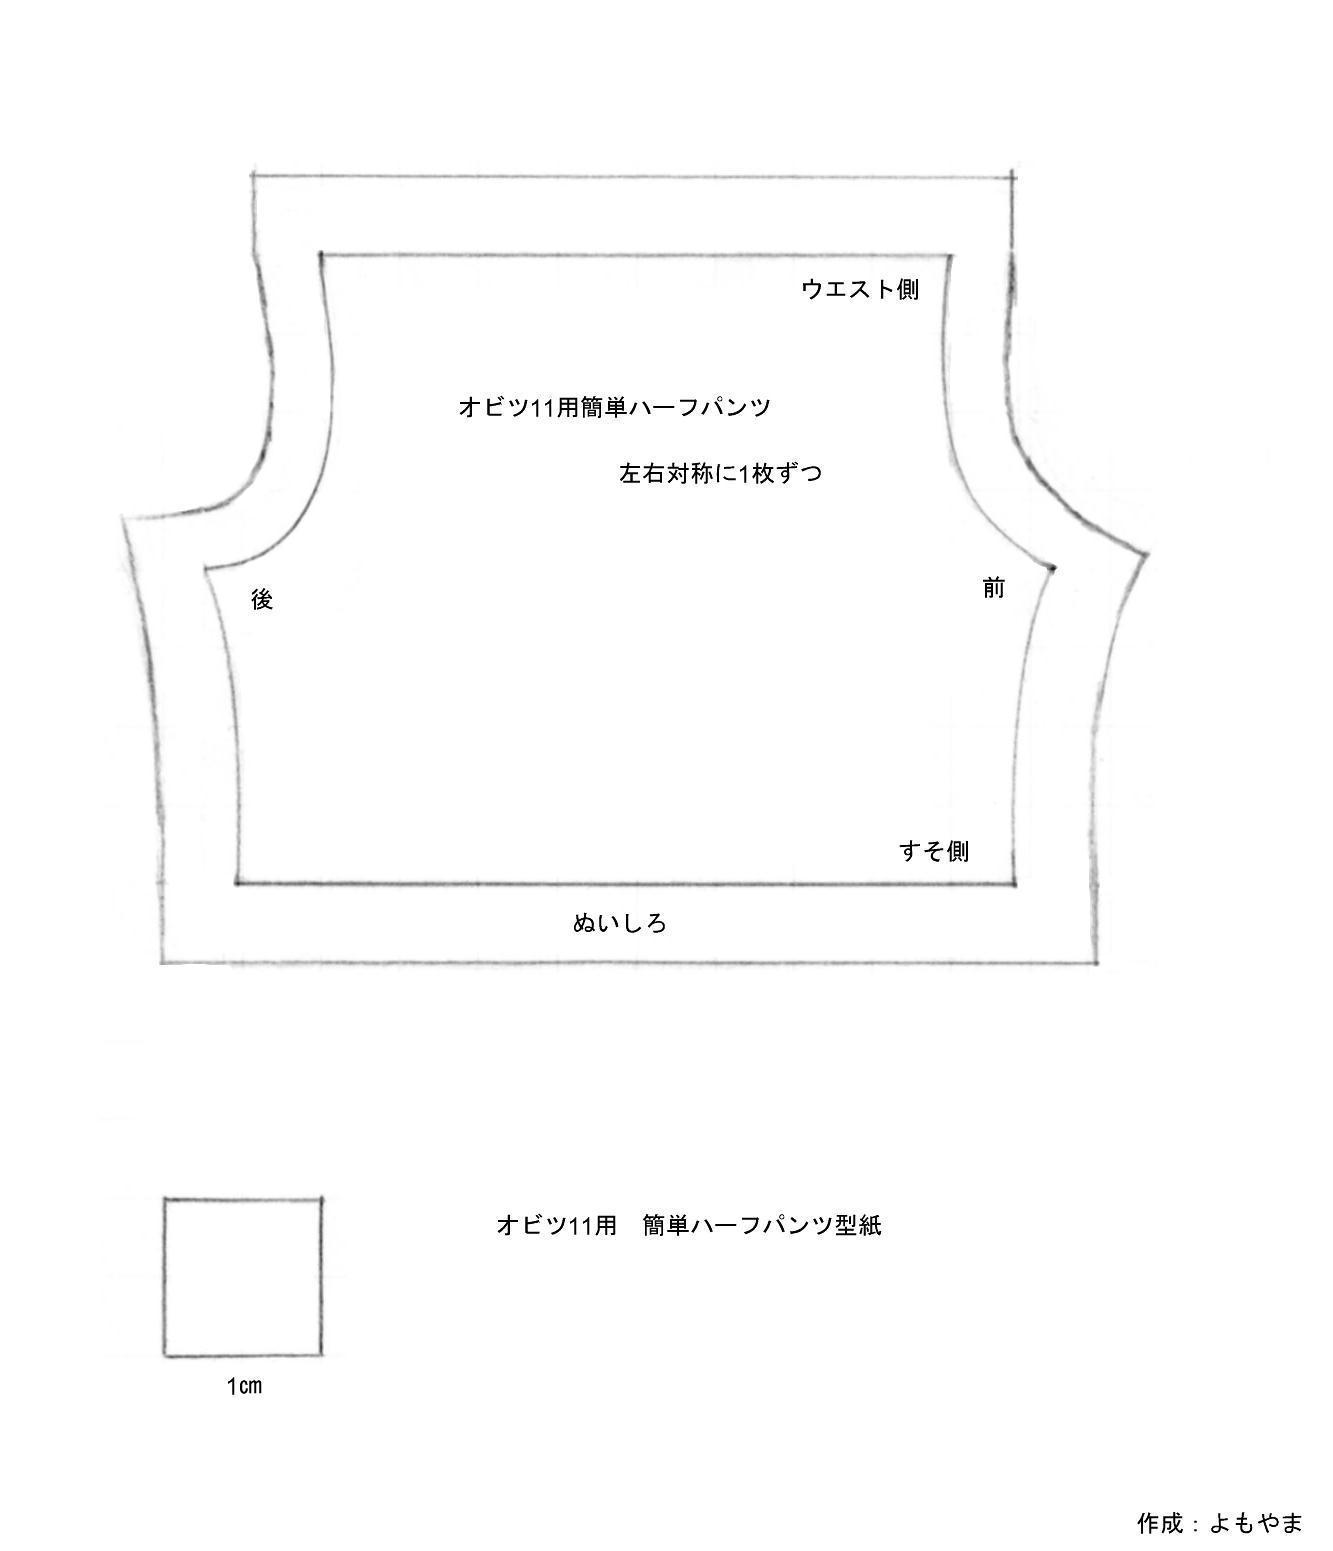 この型紙データのサムネイルをクリックし、お持ちのプリンタで印刷して使用してください。 型紙データの下部に一辺が1㎝の正方形があります。この正方形が1㎝になる